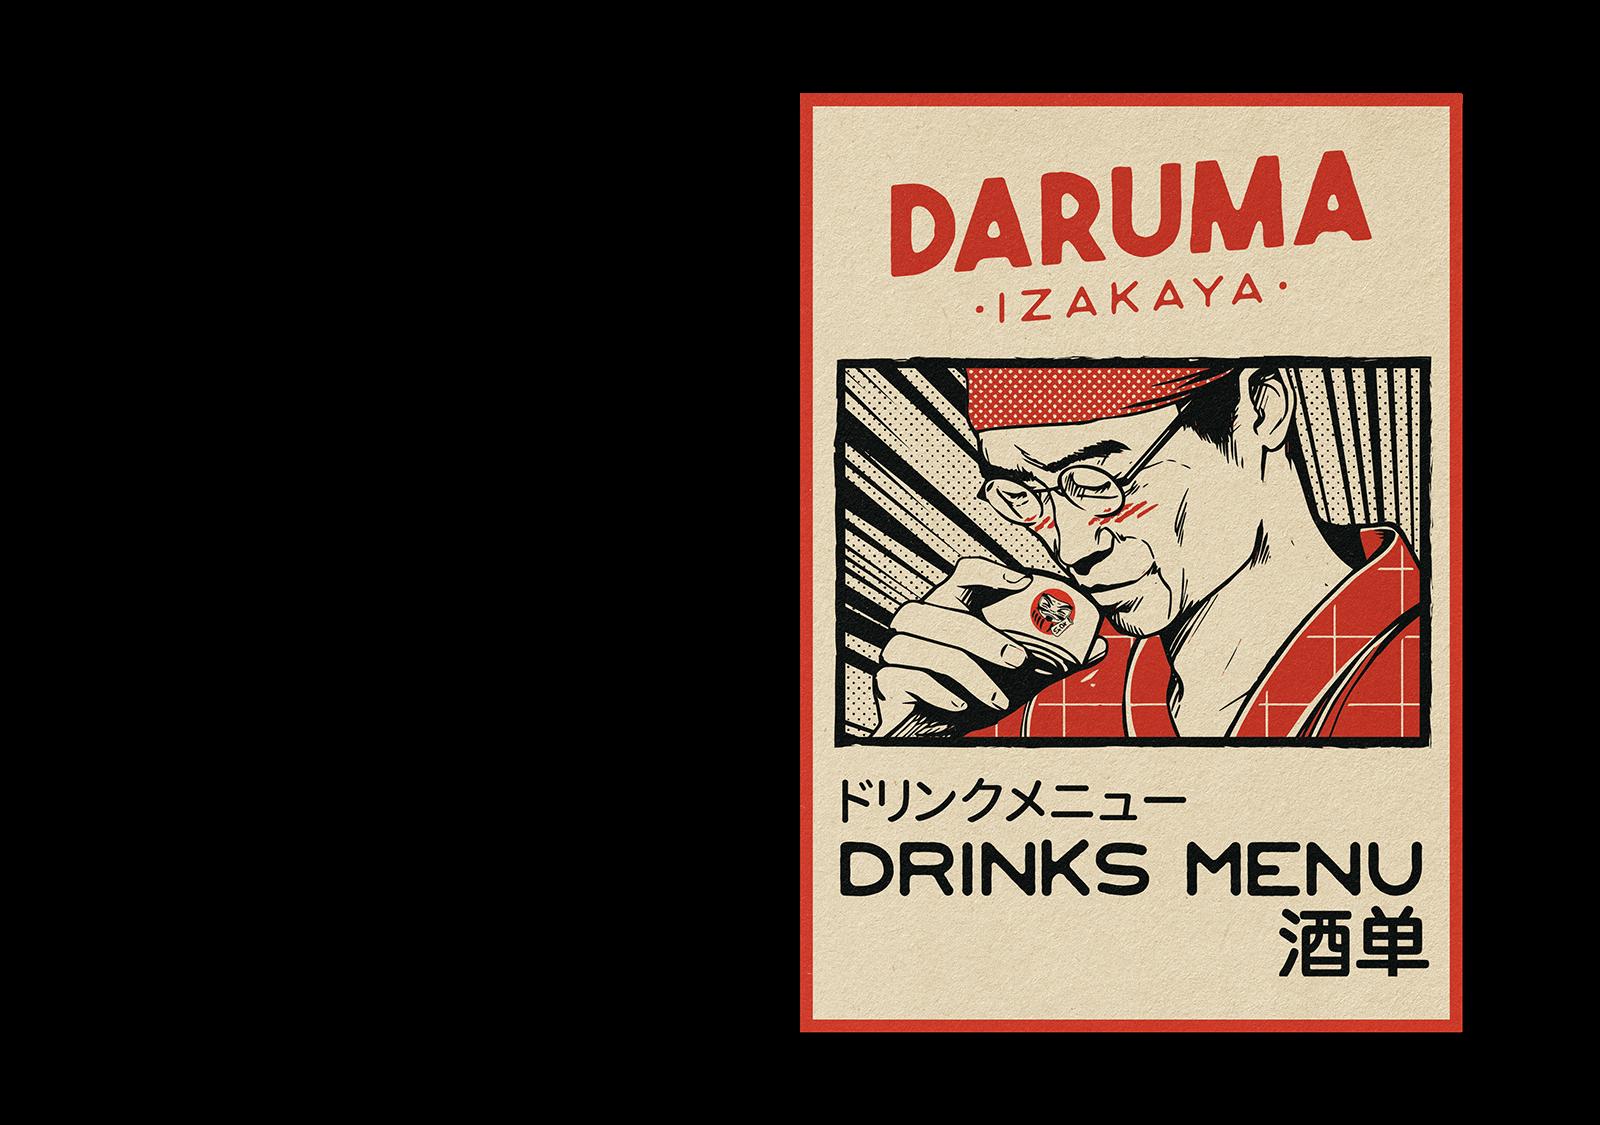 daruma-drinksmenu-01